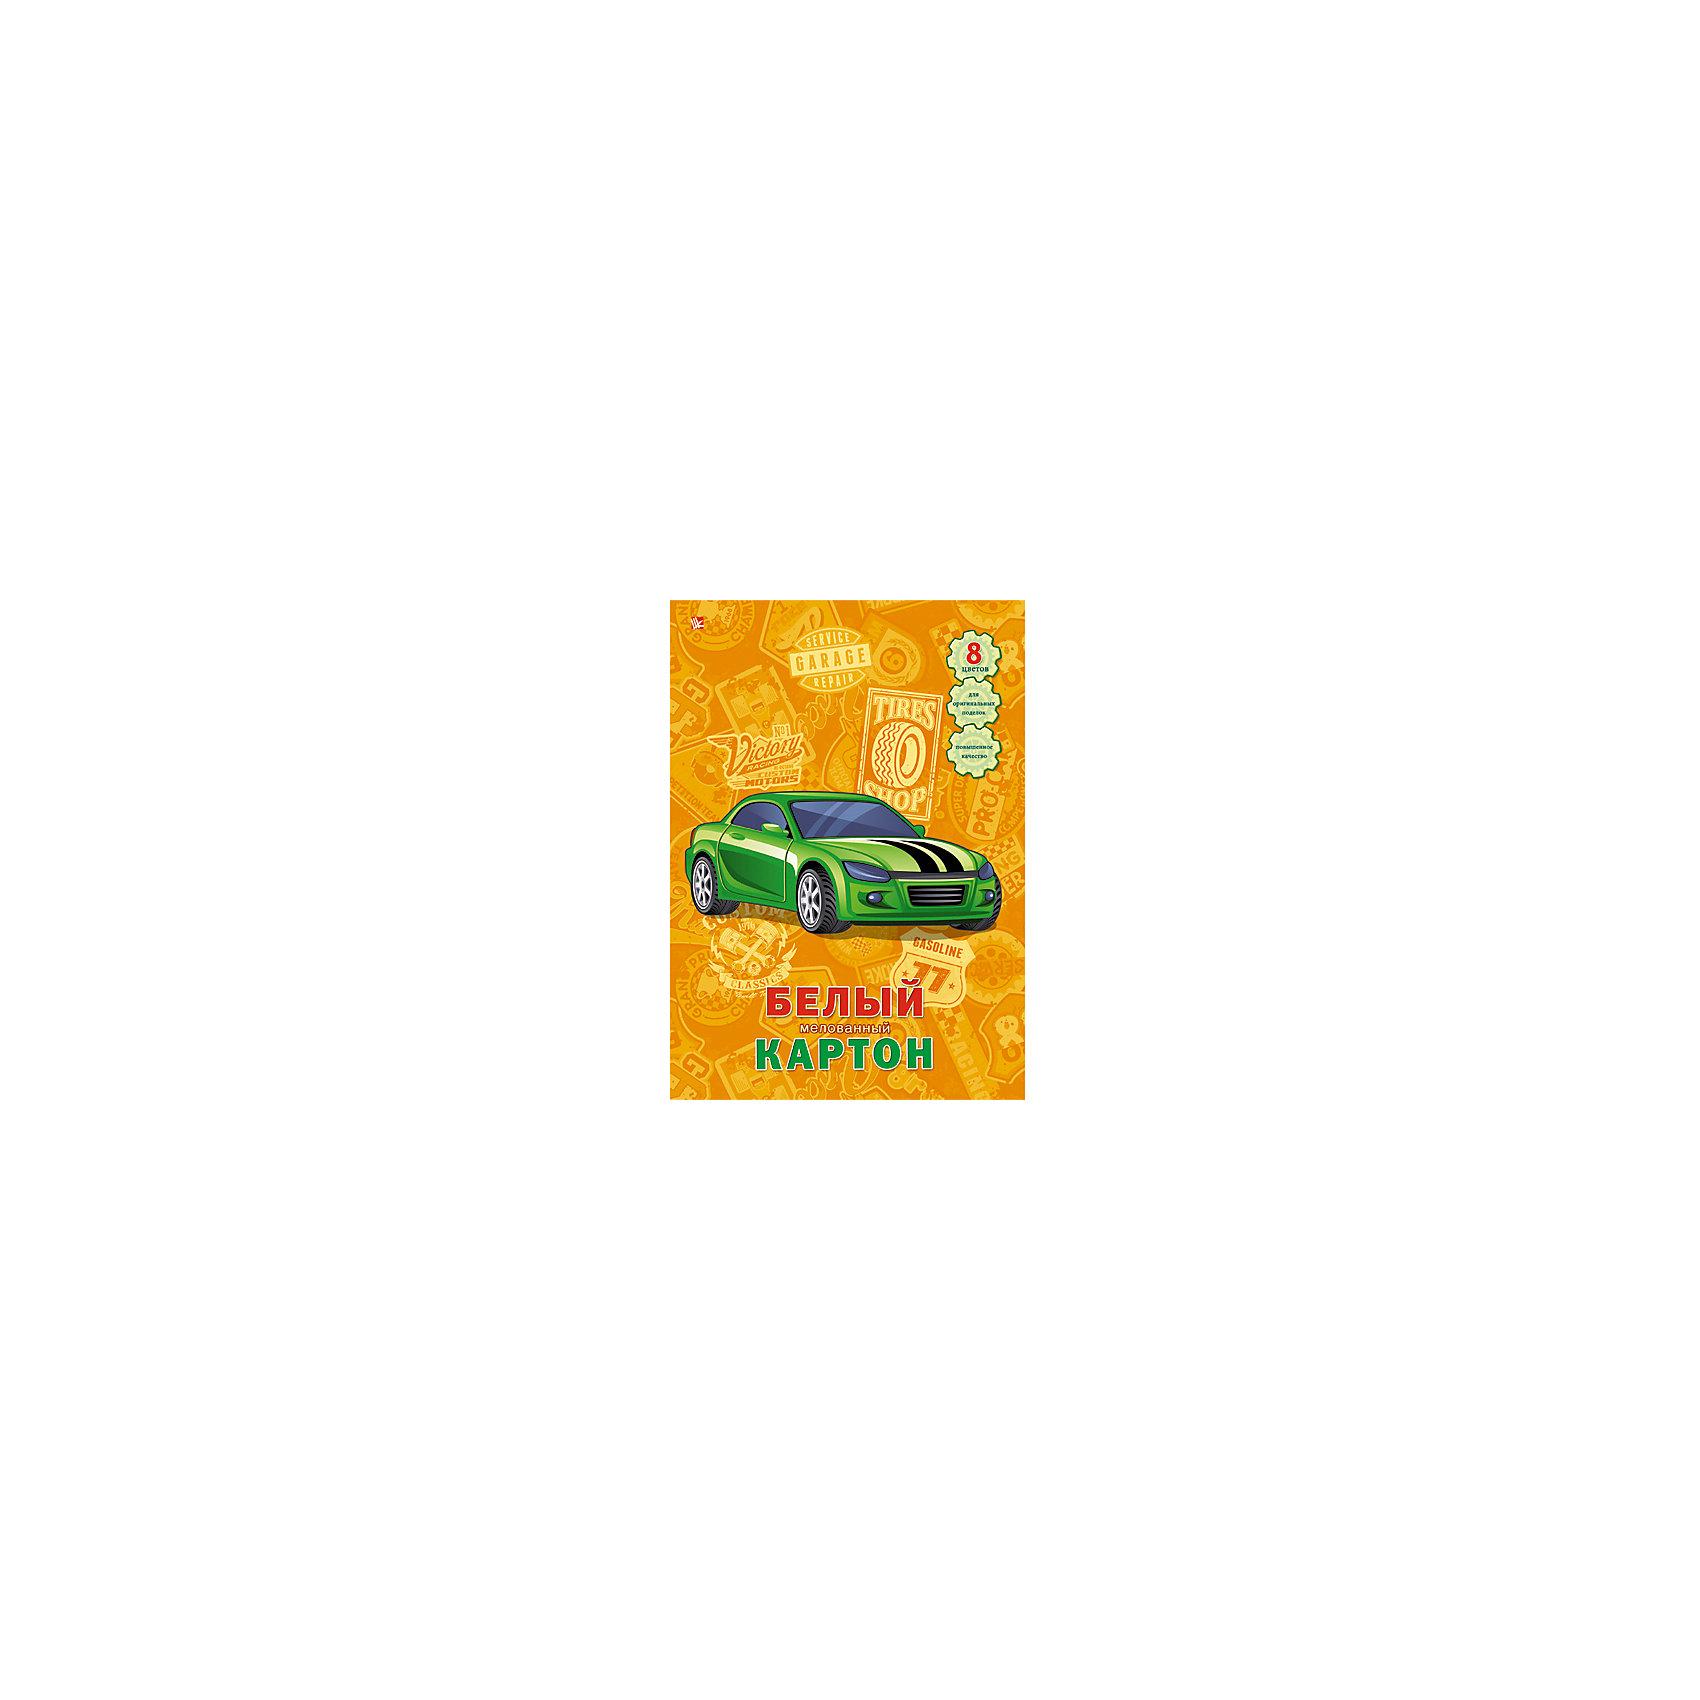 Белый мелованный картон  Уличные гонки, 8лБумажная продукция<br>Уличные гонки - папка с качественным мелованным картоном белого цвета. Красочная обложка с интересным узором привлечет внимание и поможет создать самые интересные поделки.<br><br>Дополнительная информация:<br>Обложка: картон<br>Количество листов: 8<br>Формат: А4<br>Белый мелованный картон Уличные гонки можно купить в нашем интернет-магазине.<br><br>Ширина мм: 280<br>Глубина мм: 200<br>Высота мм: 6<br>Вес г: 131<br>Возраст от месяцев: 72<br>Возраст до месяцев: 2147483647<br>Пол: Унисекс<br>Возраст: Детский<br>SKU: 4942468